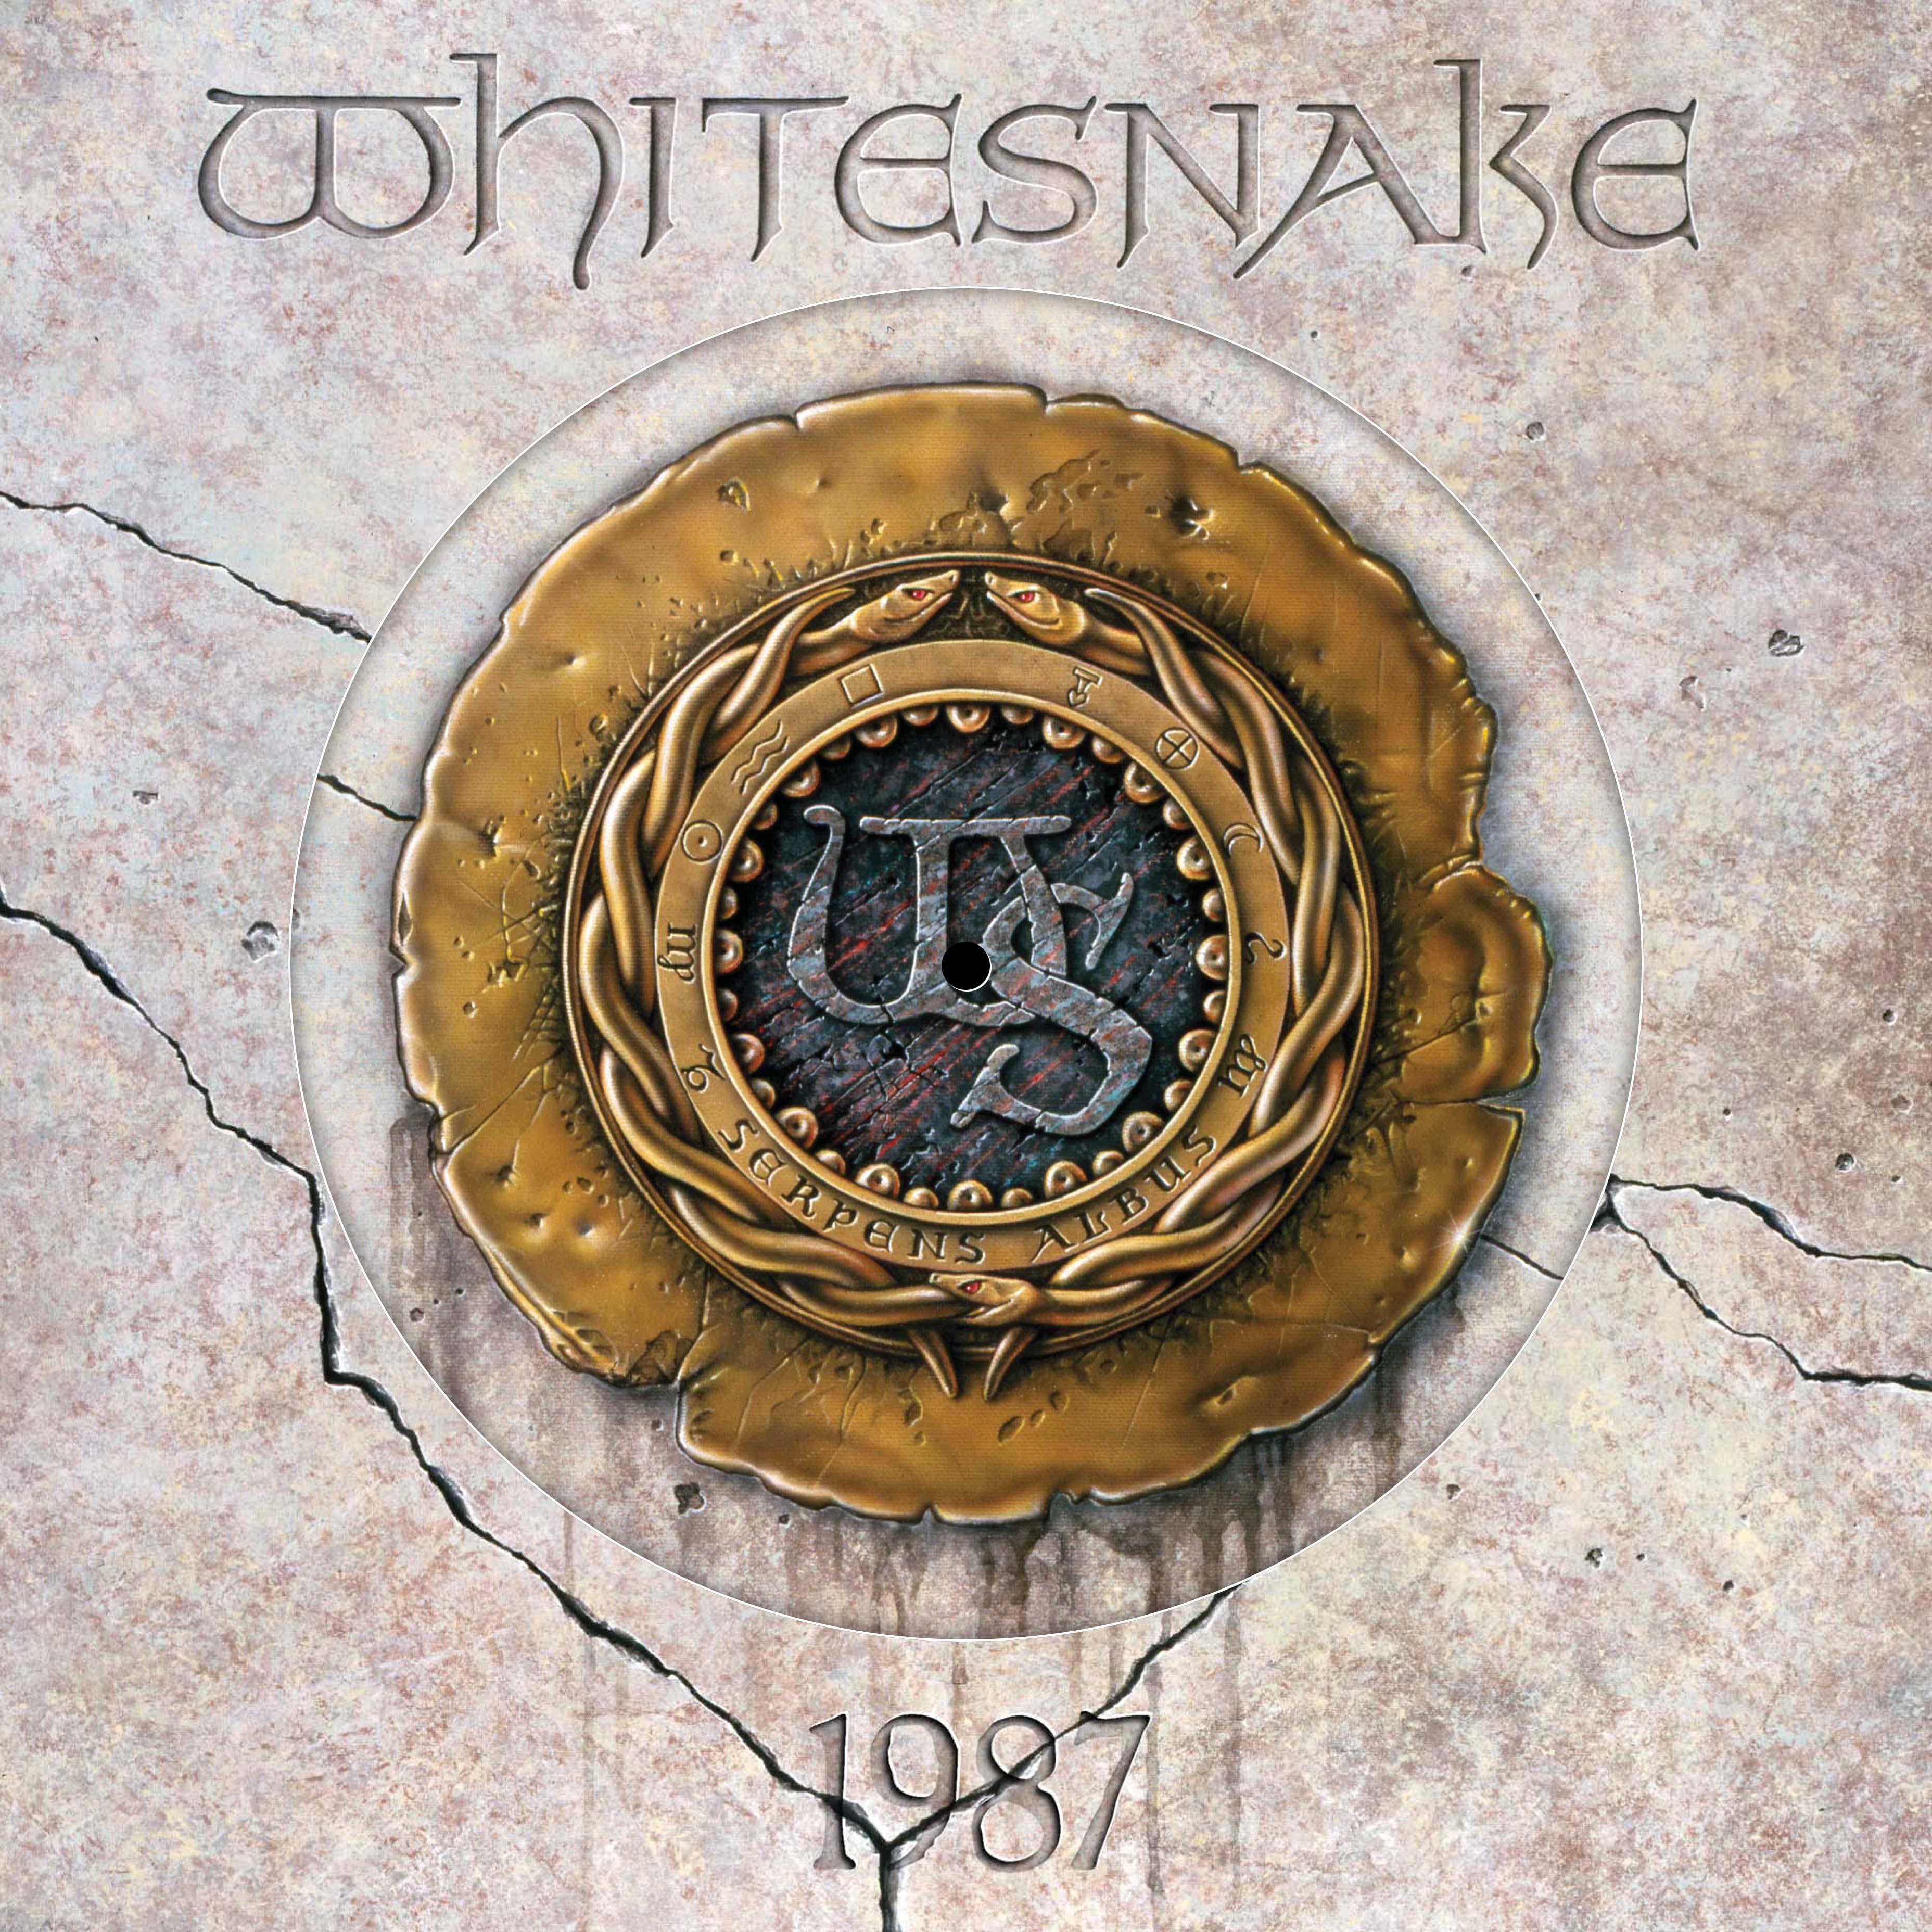 лучшая цена Whitesnake Whitesnake - 1987 (30th Anniversary)